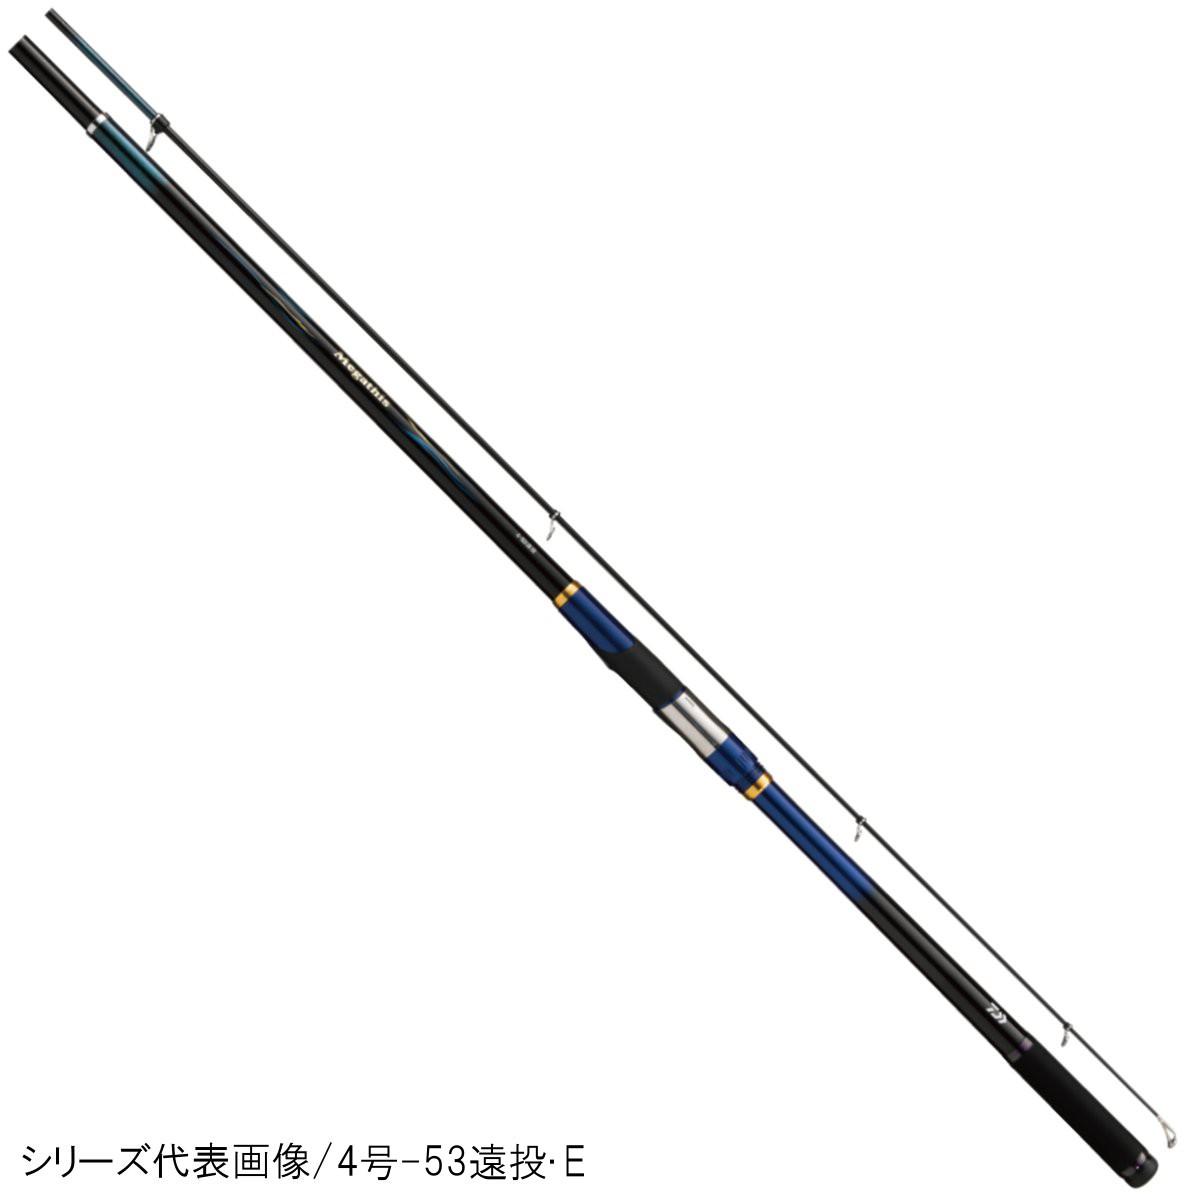 ダイワ メガディス 5号-53遠投・E